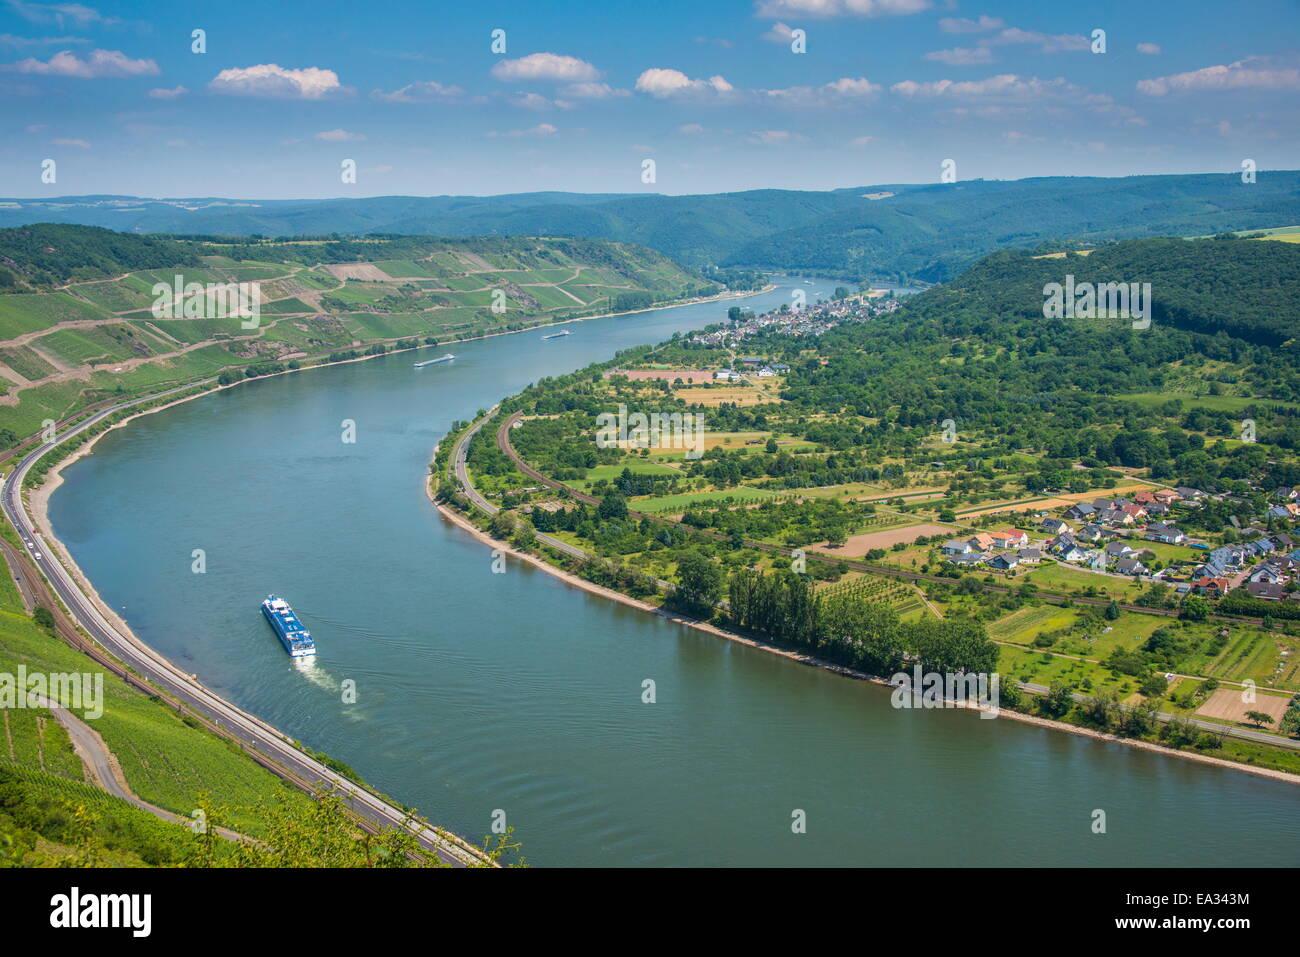 Boppard, Rhine Valley, UNESCO World Heritage Site, Rhineland-Palatinate, Germany, Europe - Stock Image